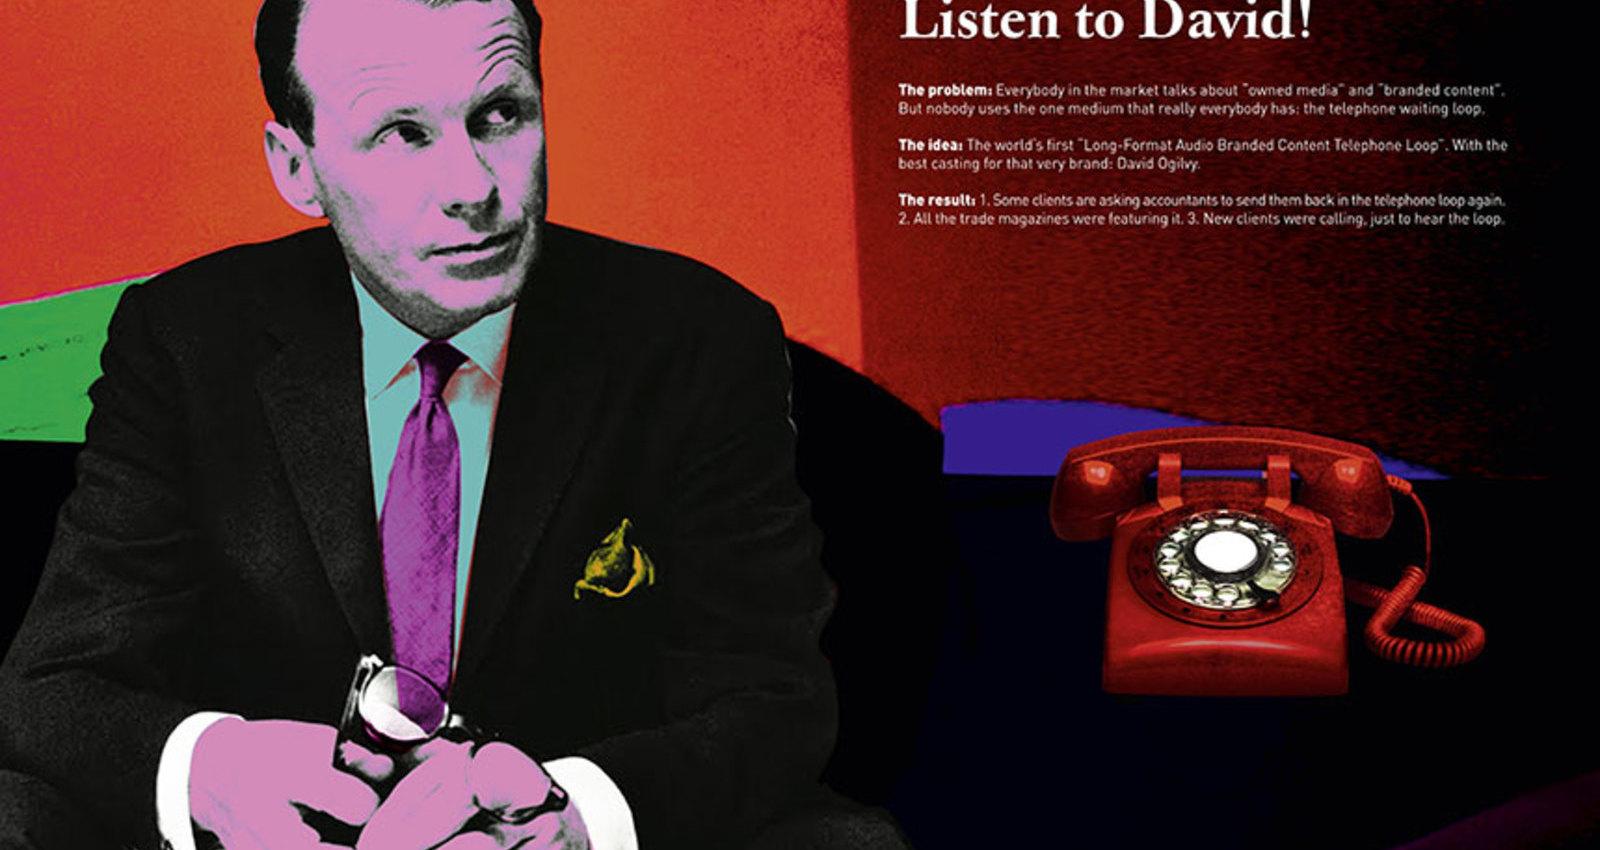 Listen to David